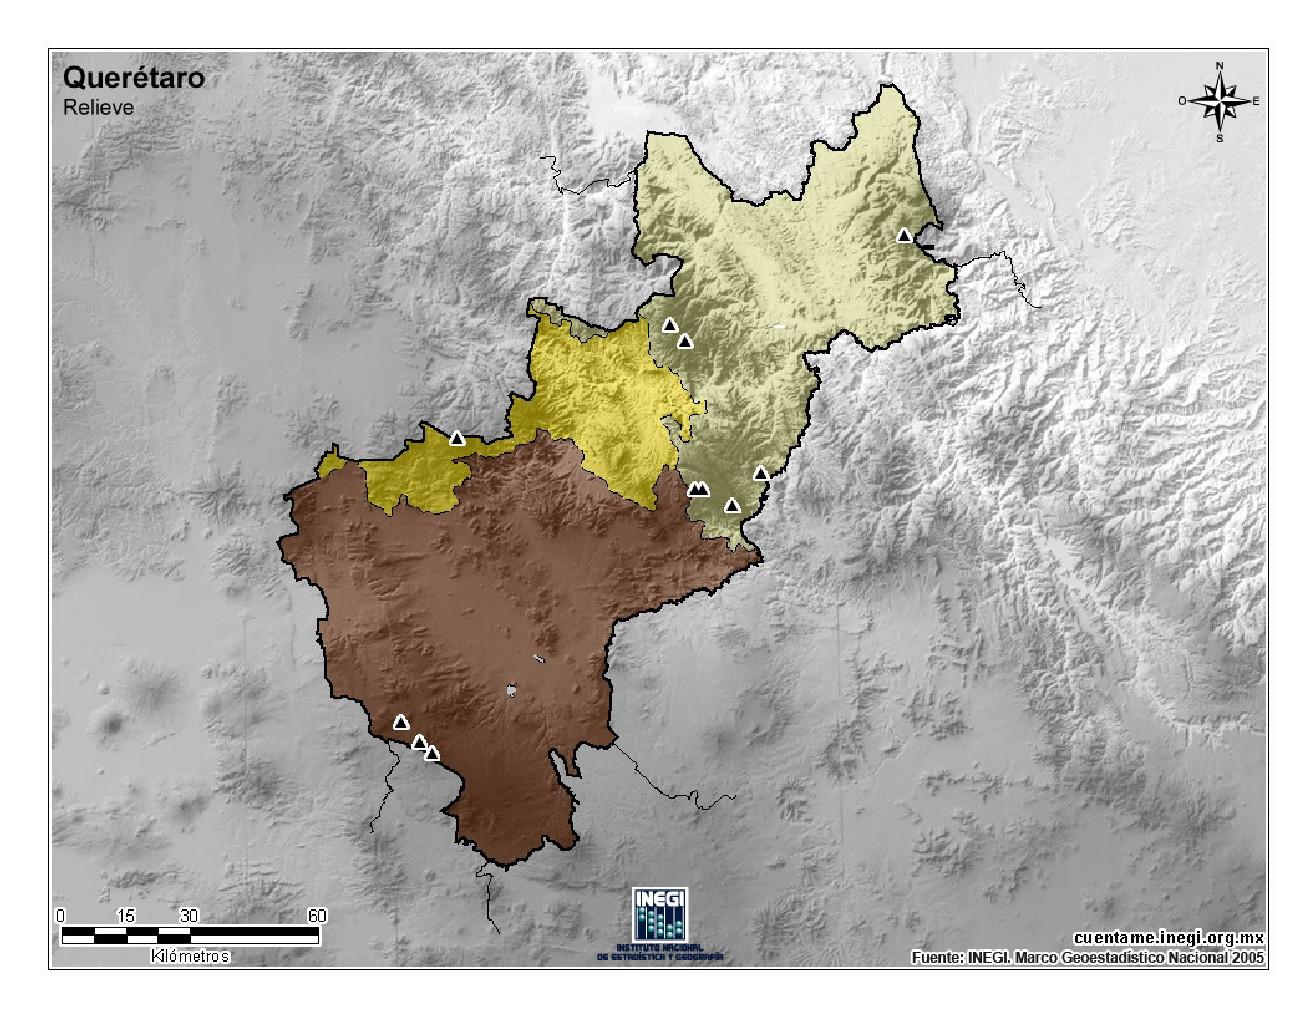 Mapa mudo de montañas de Querétaro. INEGI de México